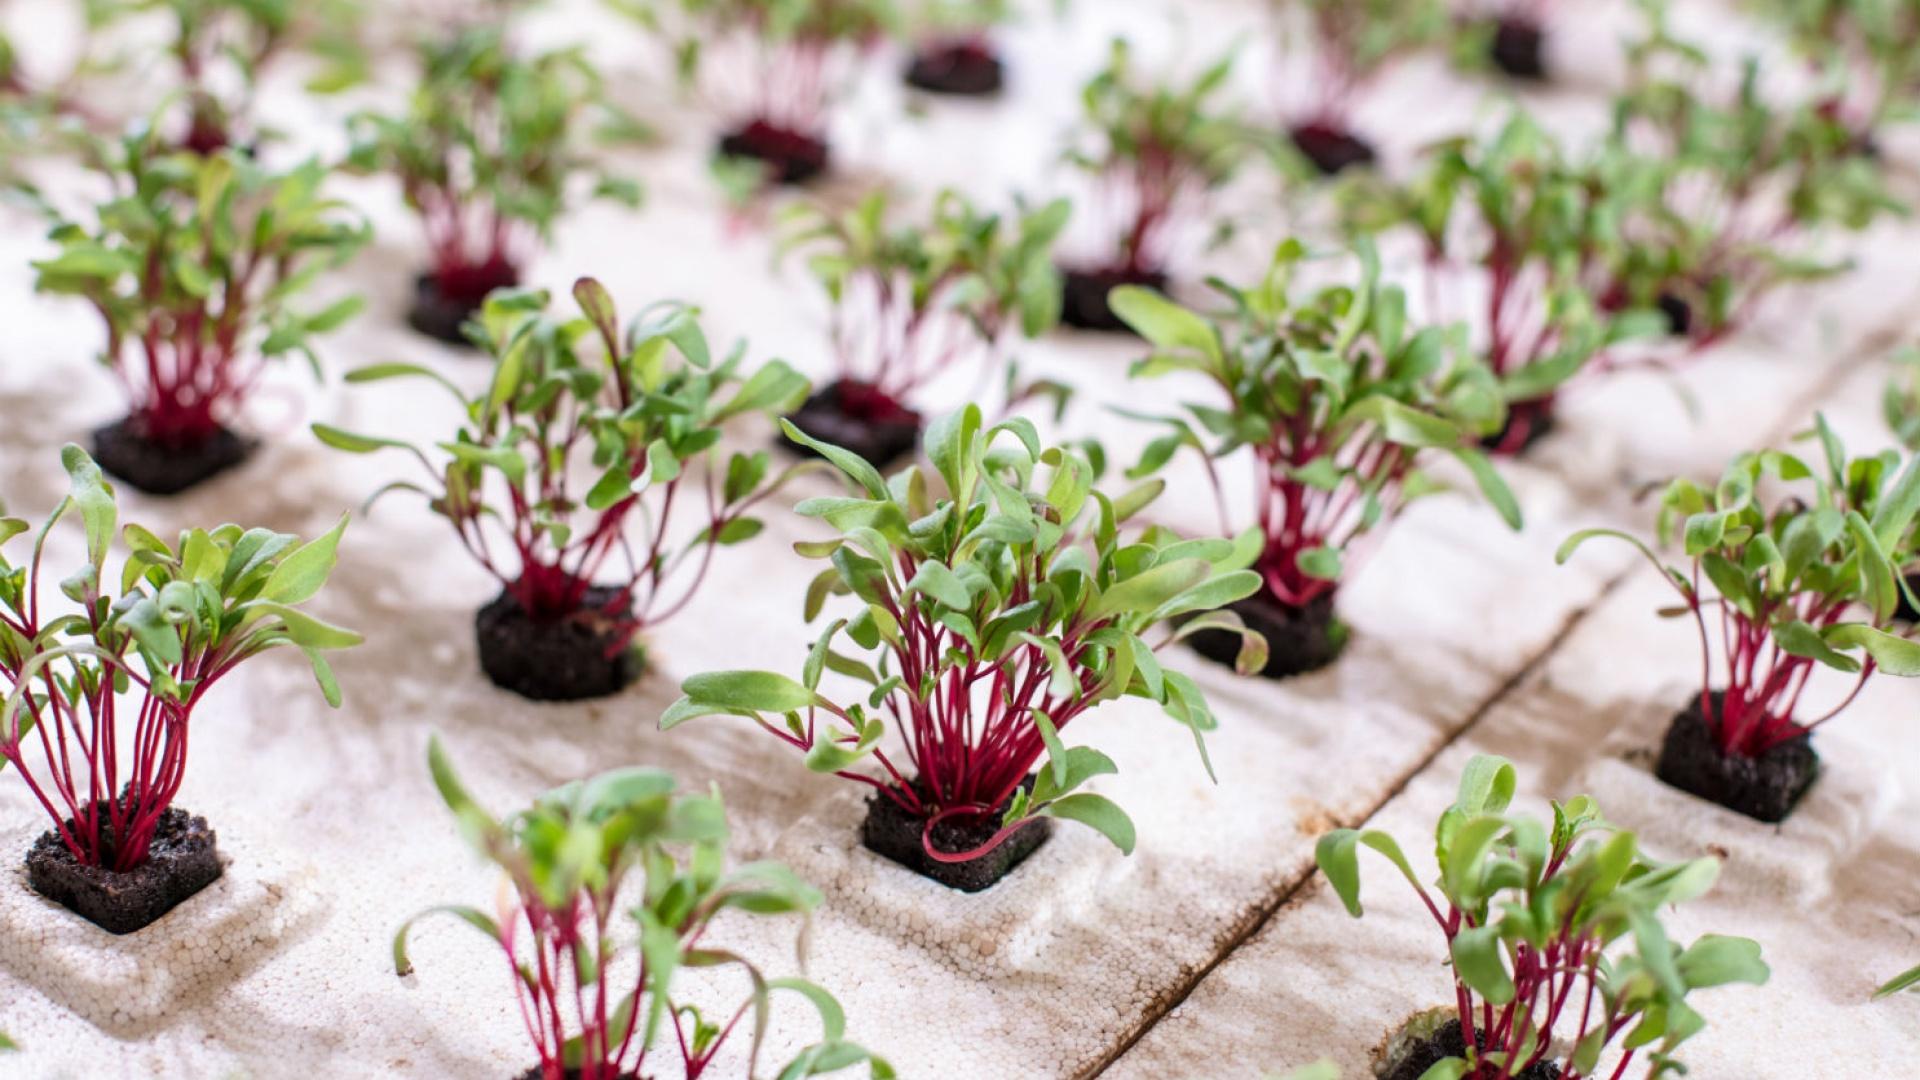 future-crops